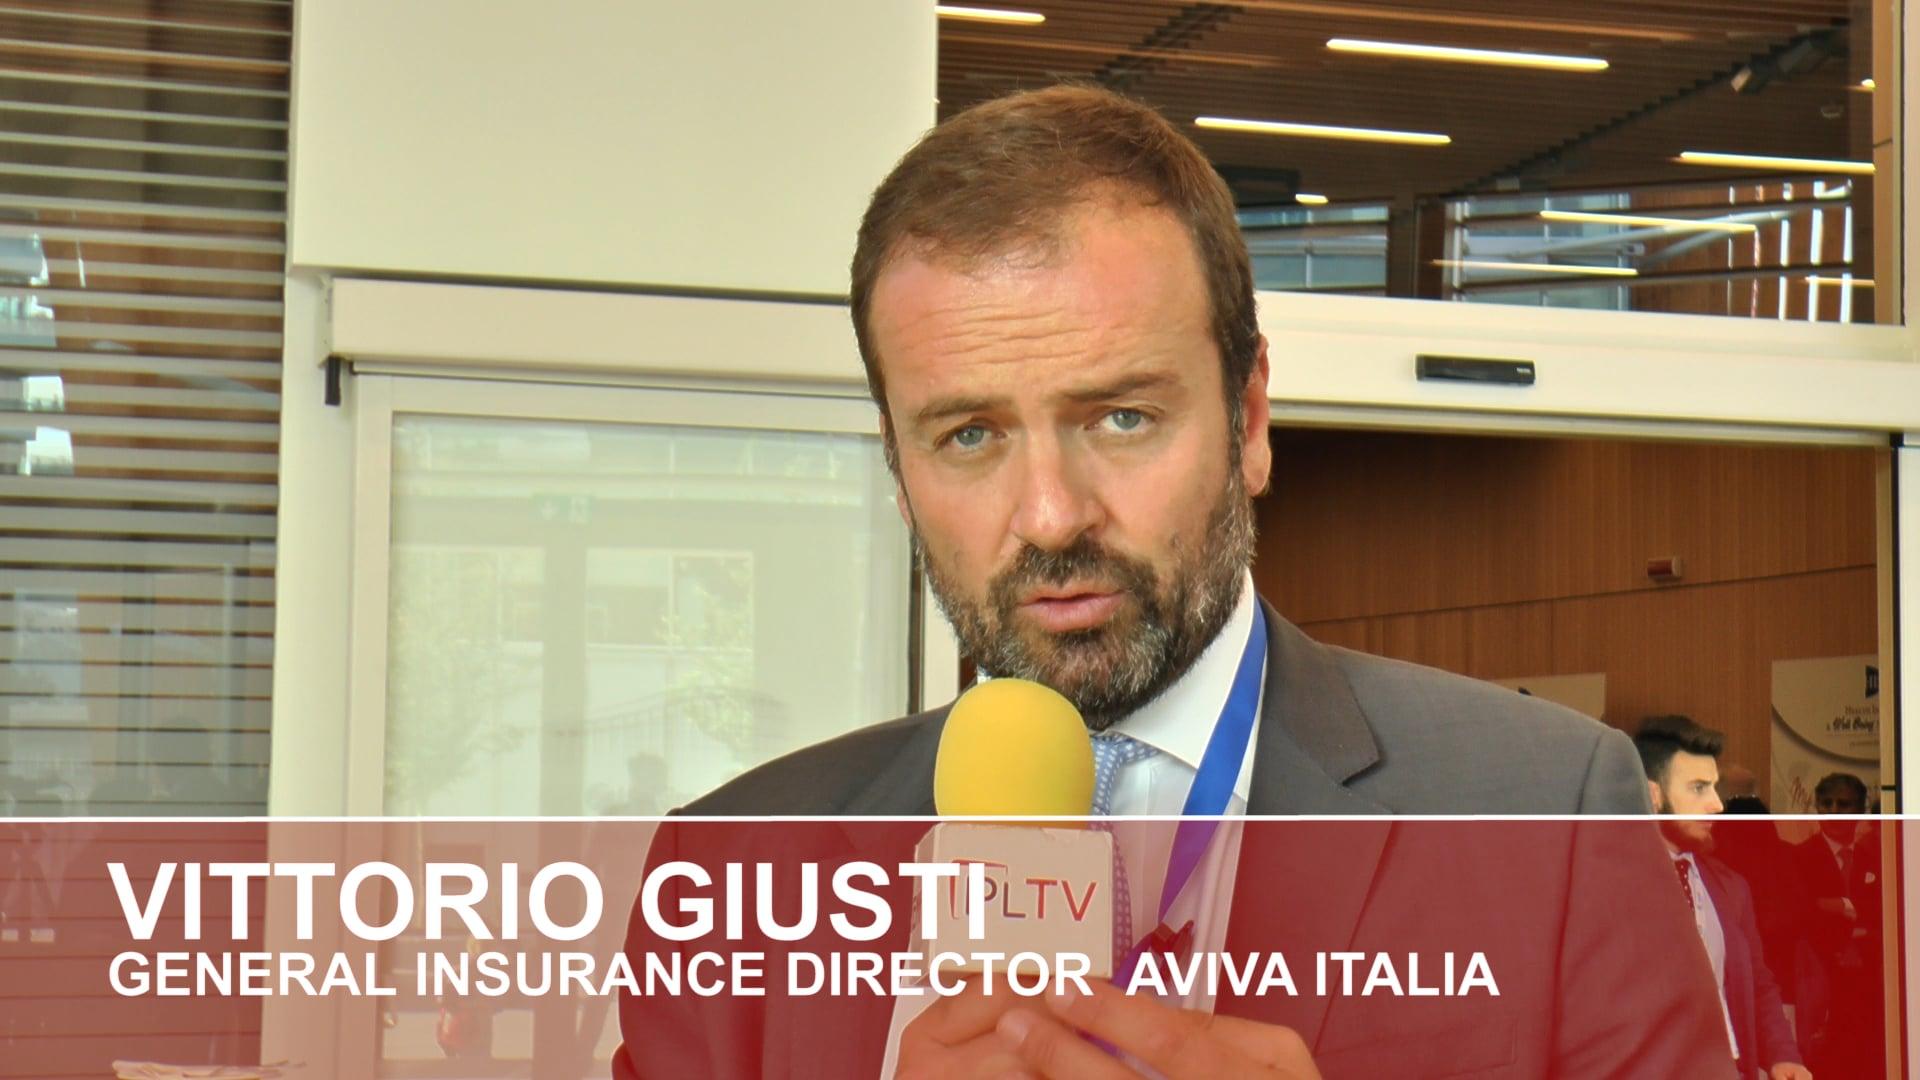 HIS 2017 - Vittorio Giusti Imc